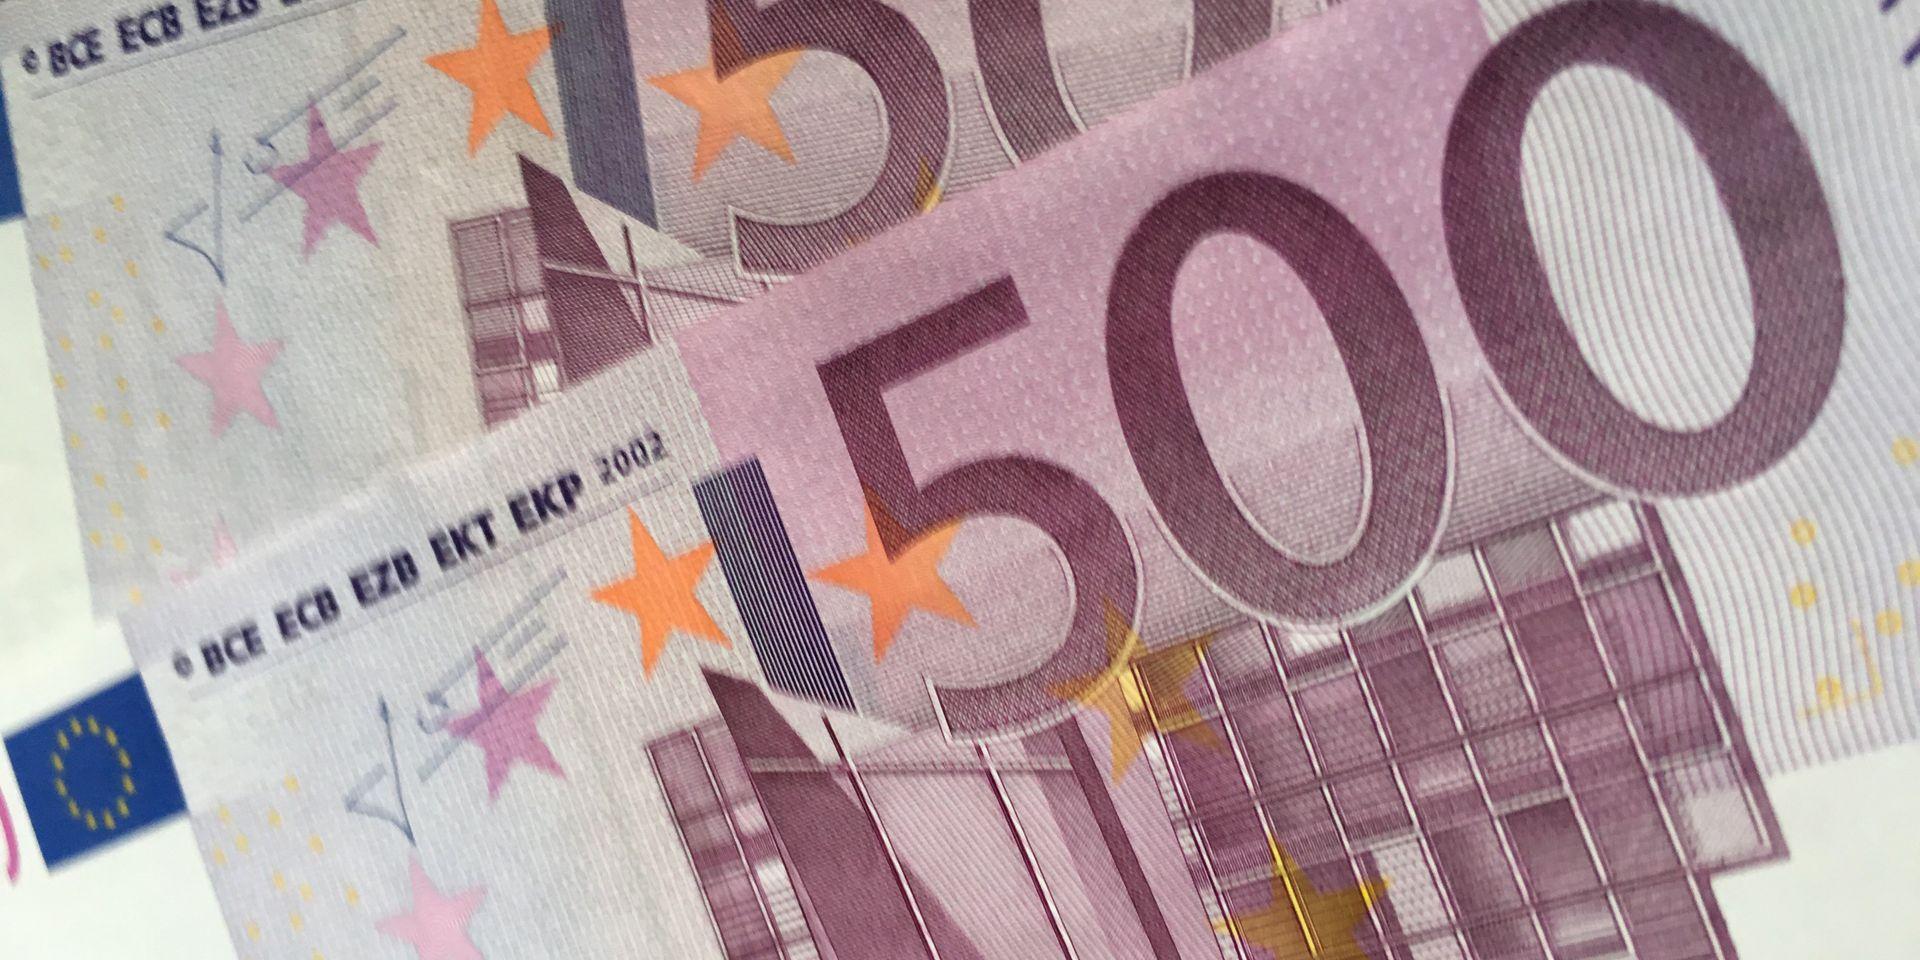 Le Billet De 500 Euros Vit Ses Dernières Heures - La Libre intérieur Pièces Et Billets En Euros À Imprimer